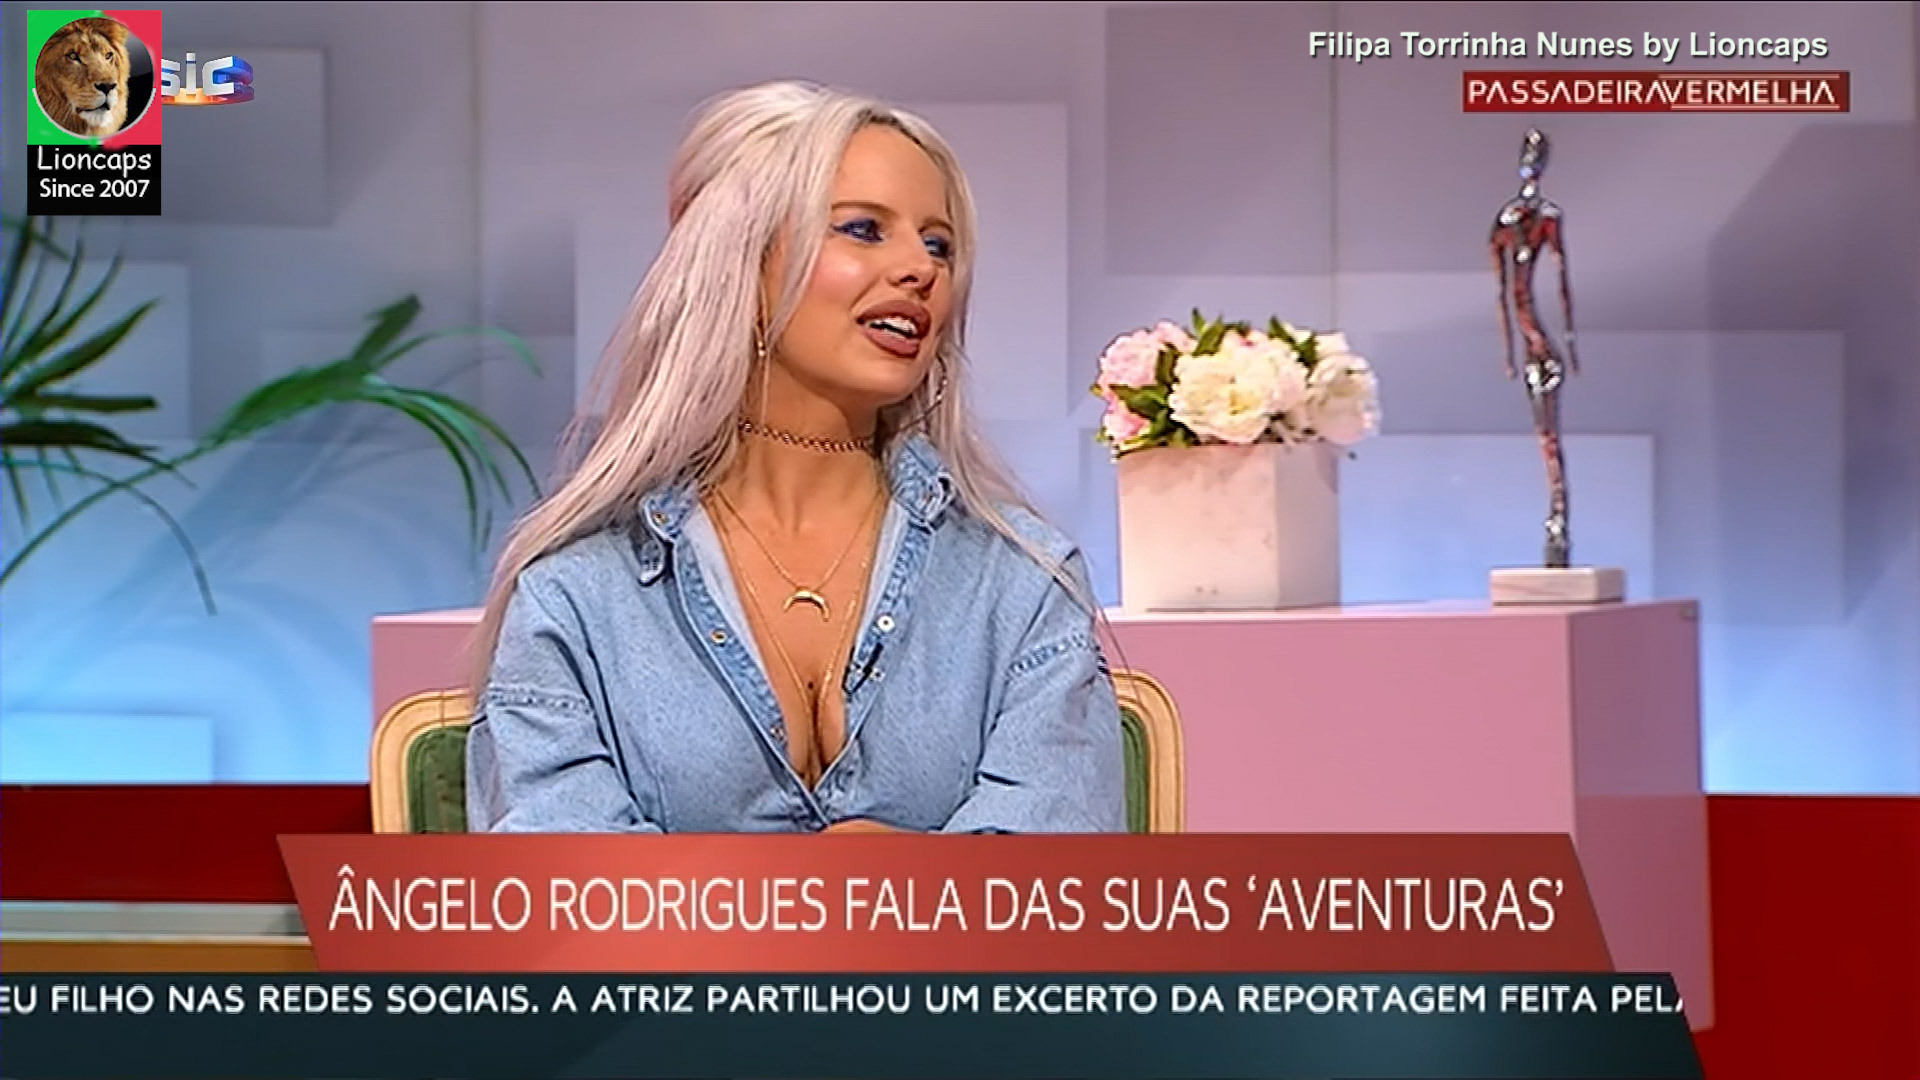 filipa_torrinha_nunes_passadeira_lioncaps_16_02_2021_02 (6).jpg